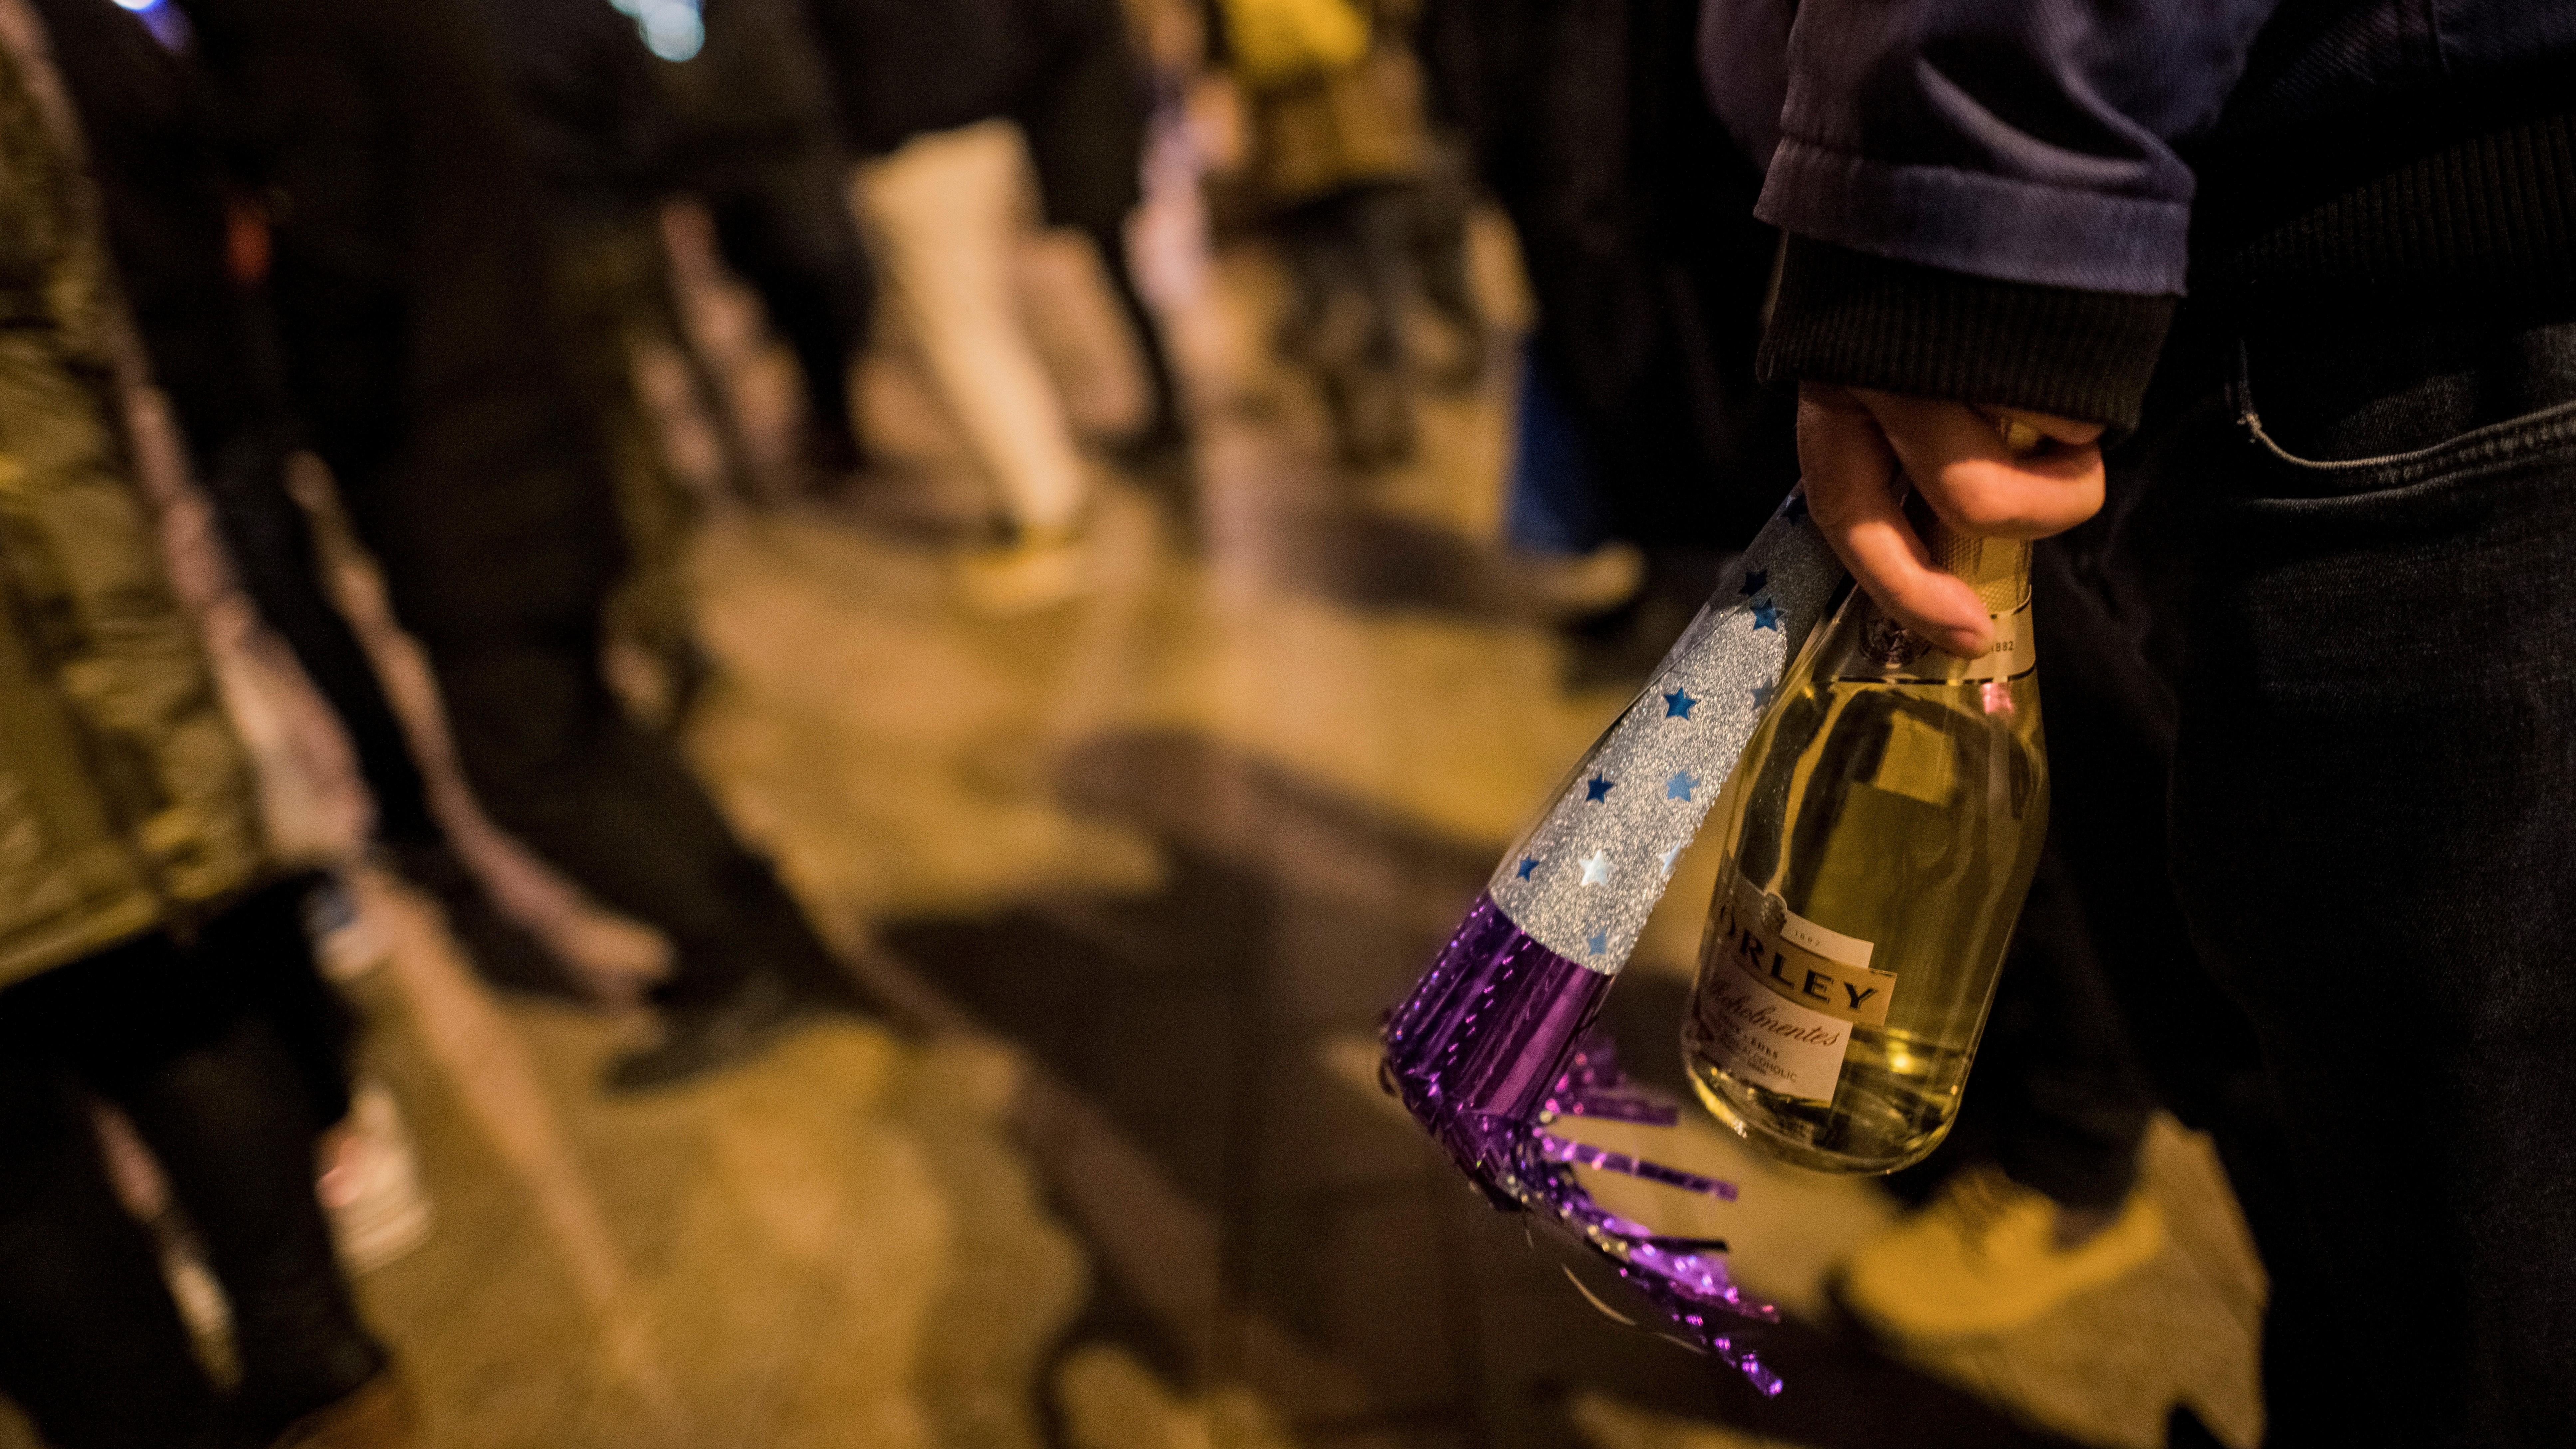 Szilveszterezők a pécsi Széchenyi téren 2019. december 31-én este.